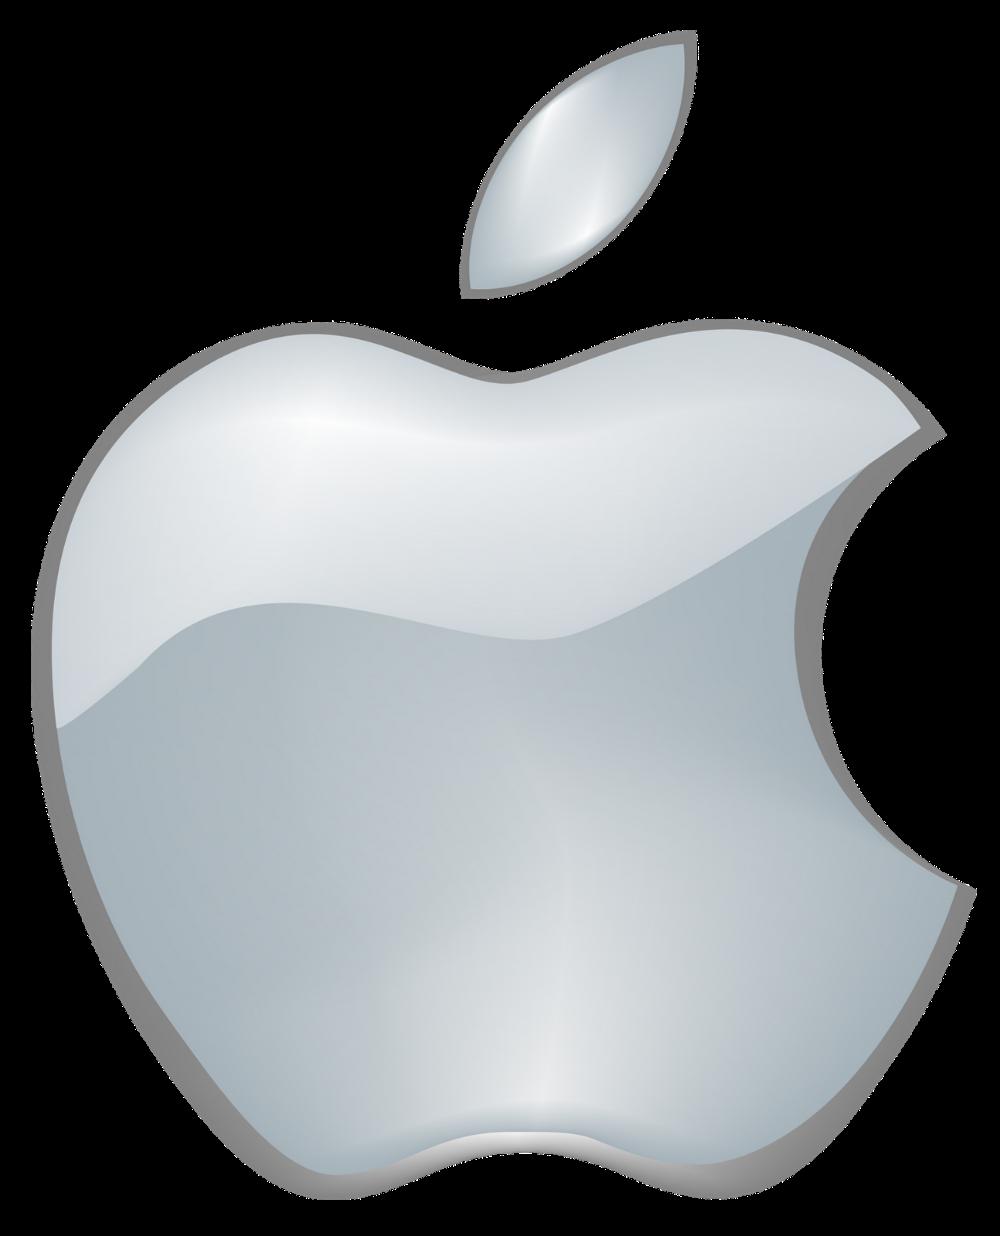 apple logo 2001 Google Search in 2020 Apple logo